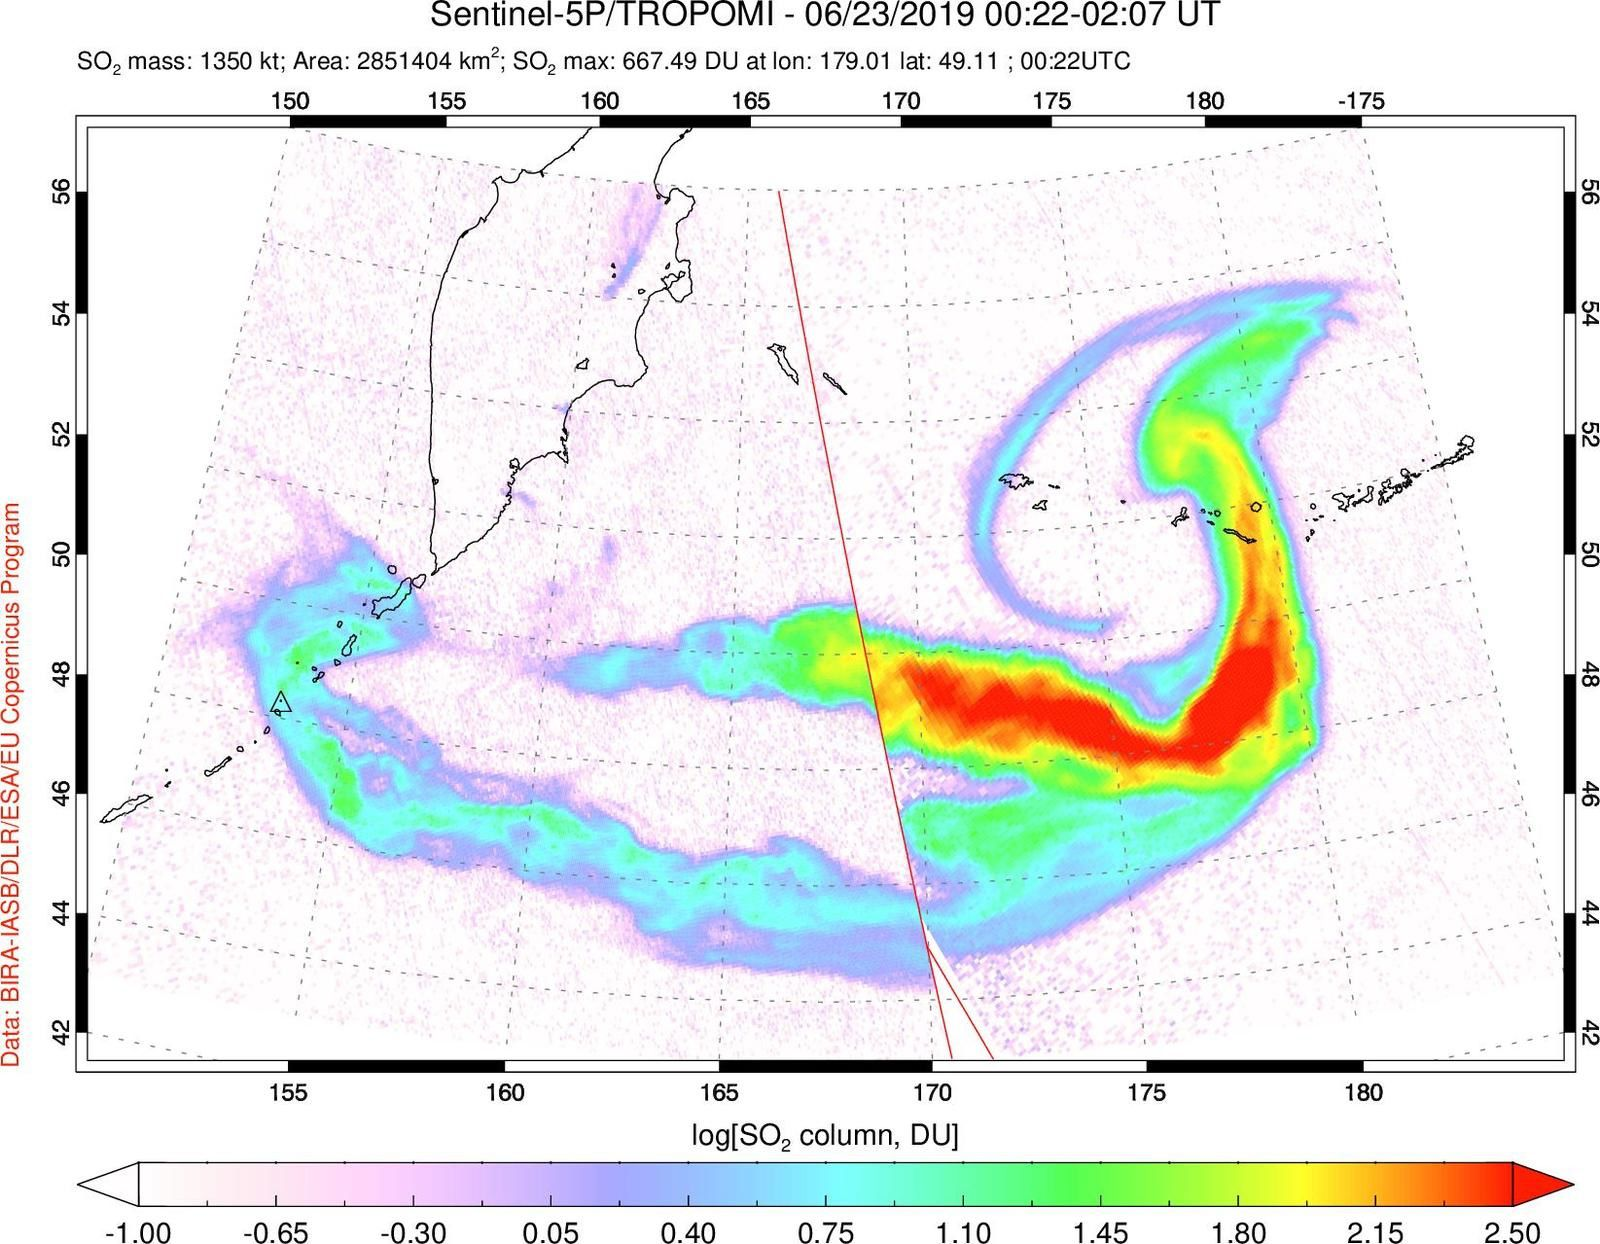 Raikoke  - le nuage de dioxyde de soufre, séparé du nuage de cendres, a tourbilonné sur le Pacifique Nord  - image Sentinel 5P / Tropomi du  23006.2019 /  00h22- 02h07 UT , via Simon Carn